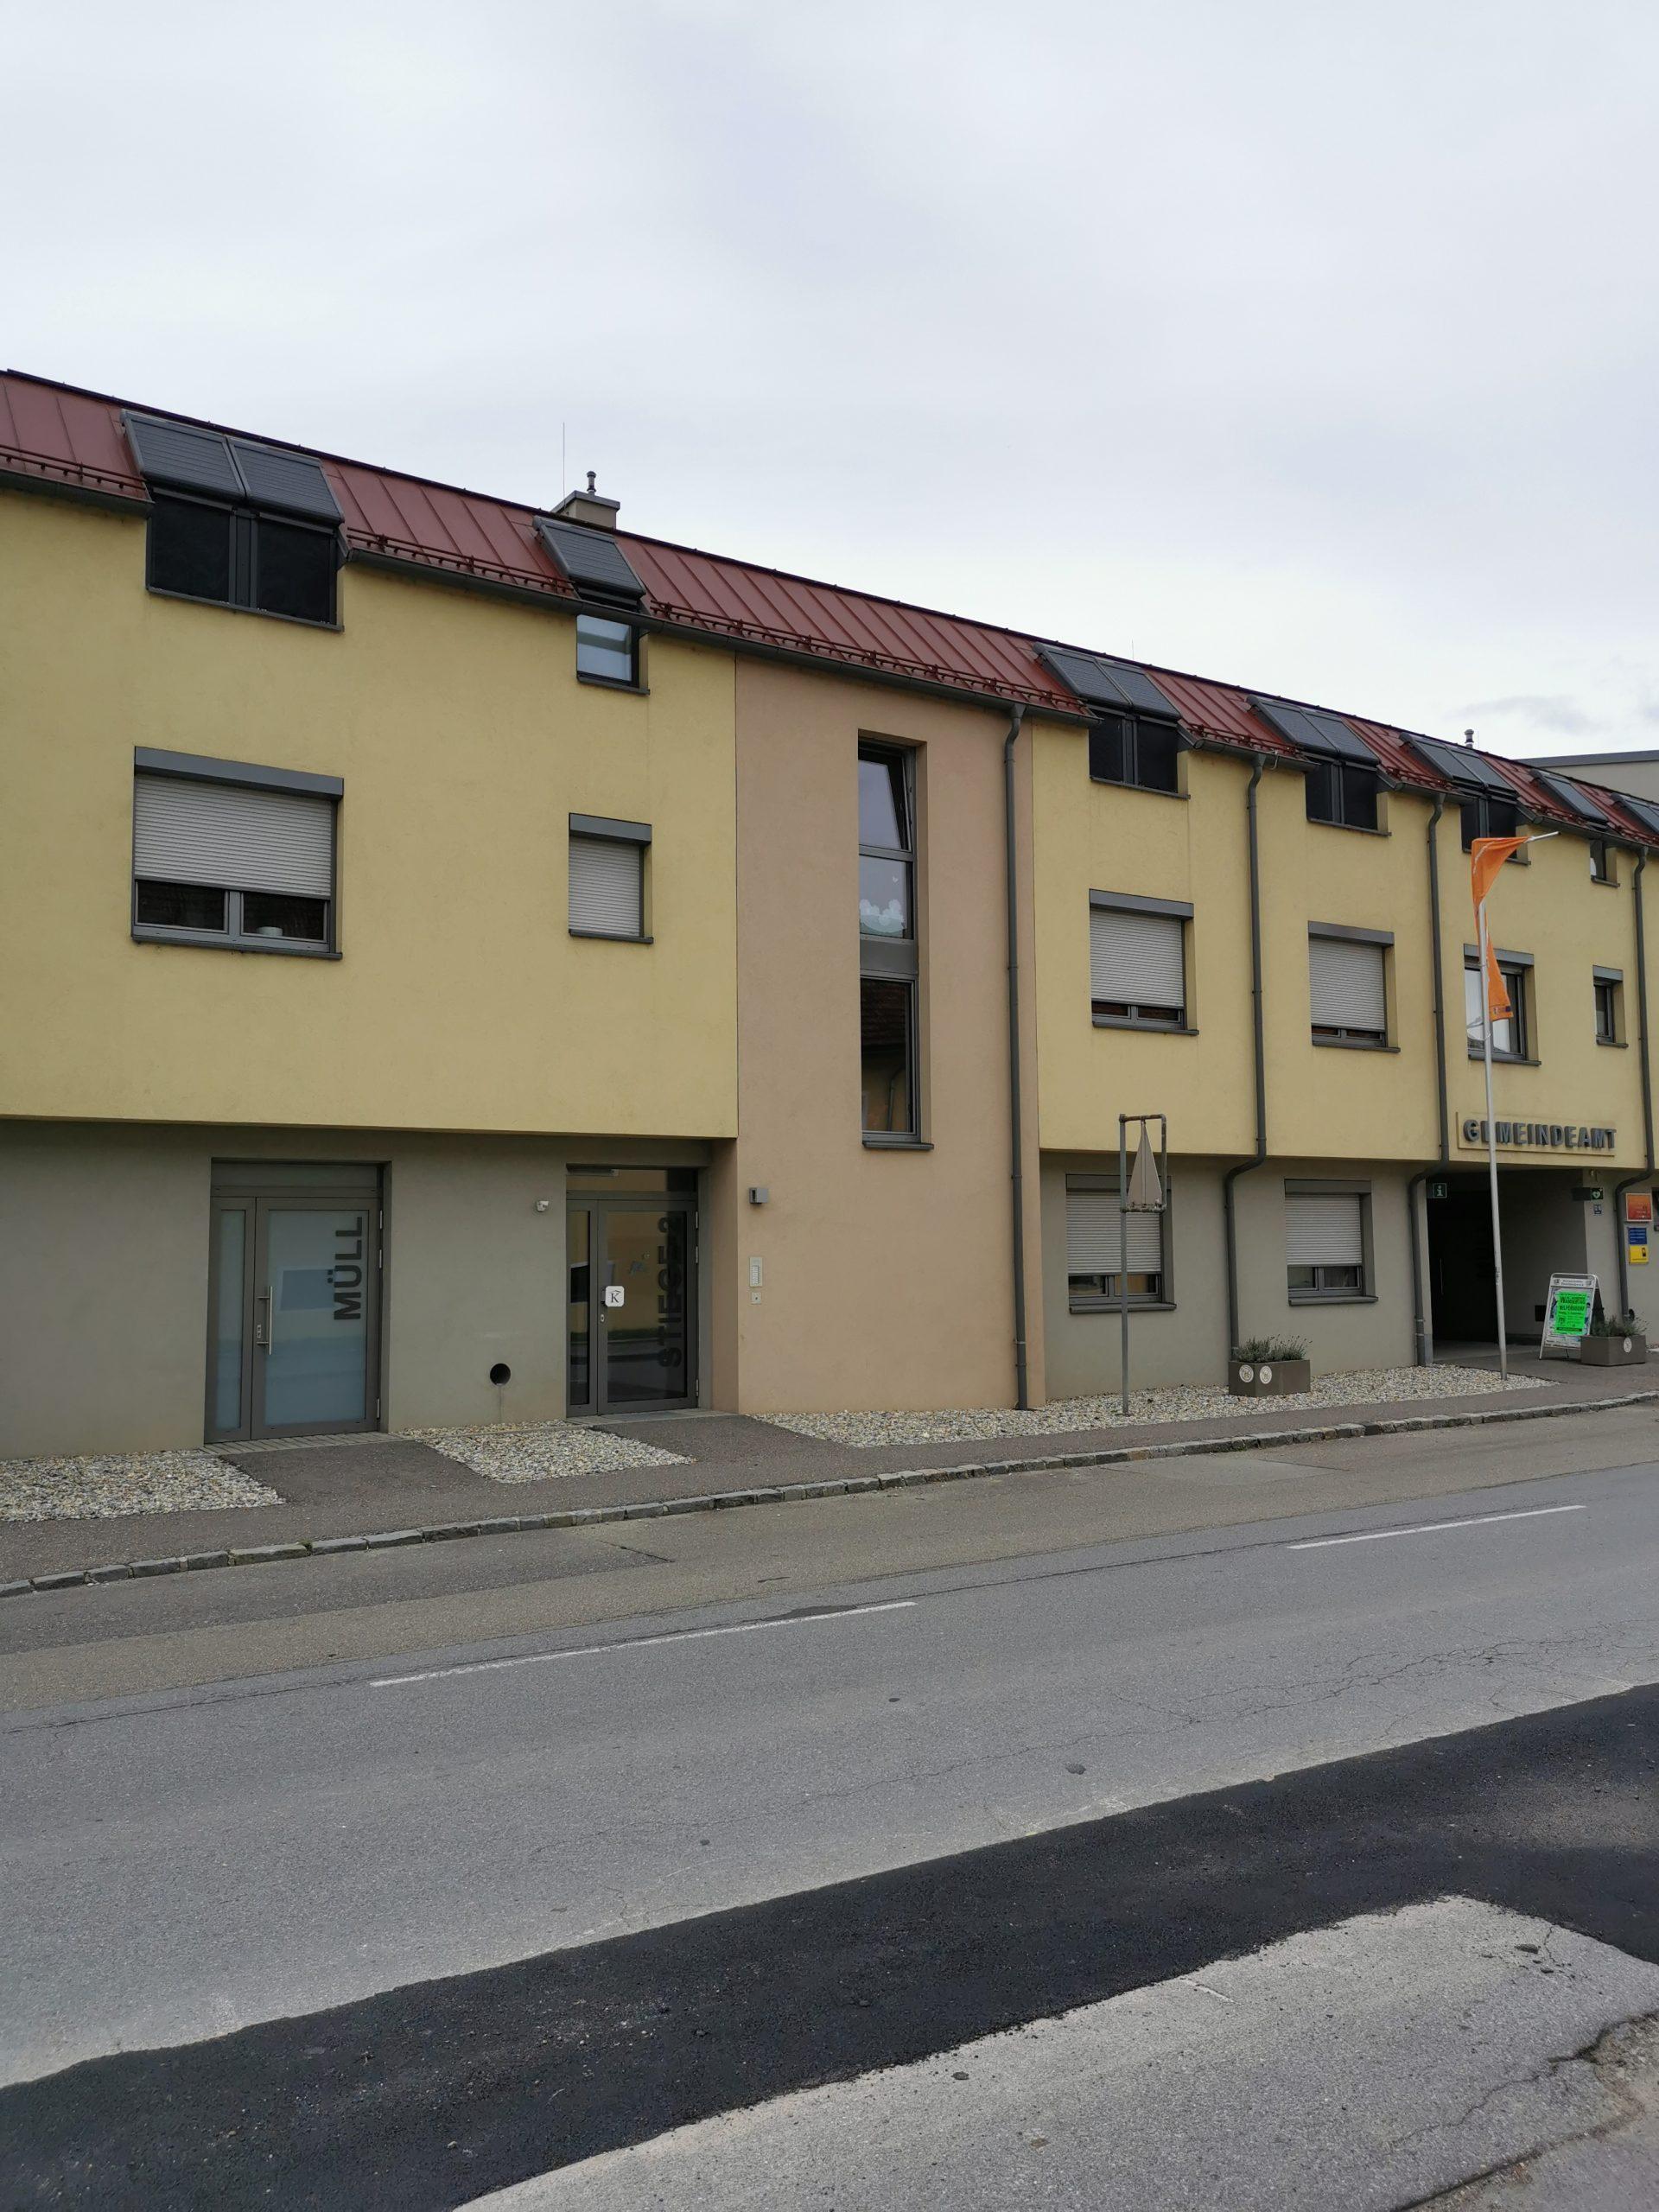 Immobilie von Kamptal in 2193 Wilfersdorf, Mistelbach, Wilfersdorf II - Top 204 #1